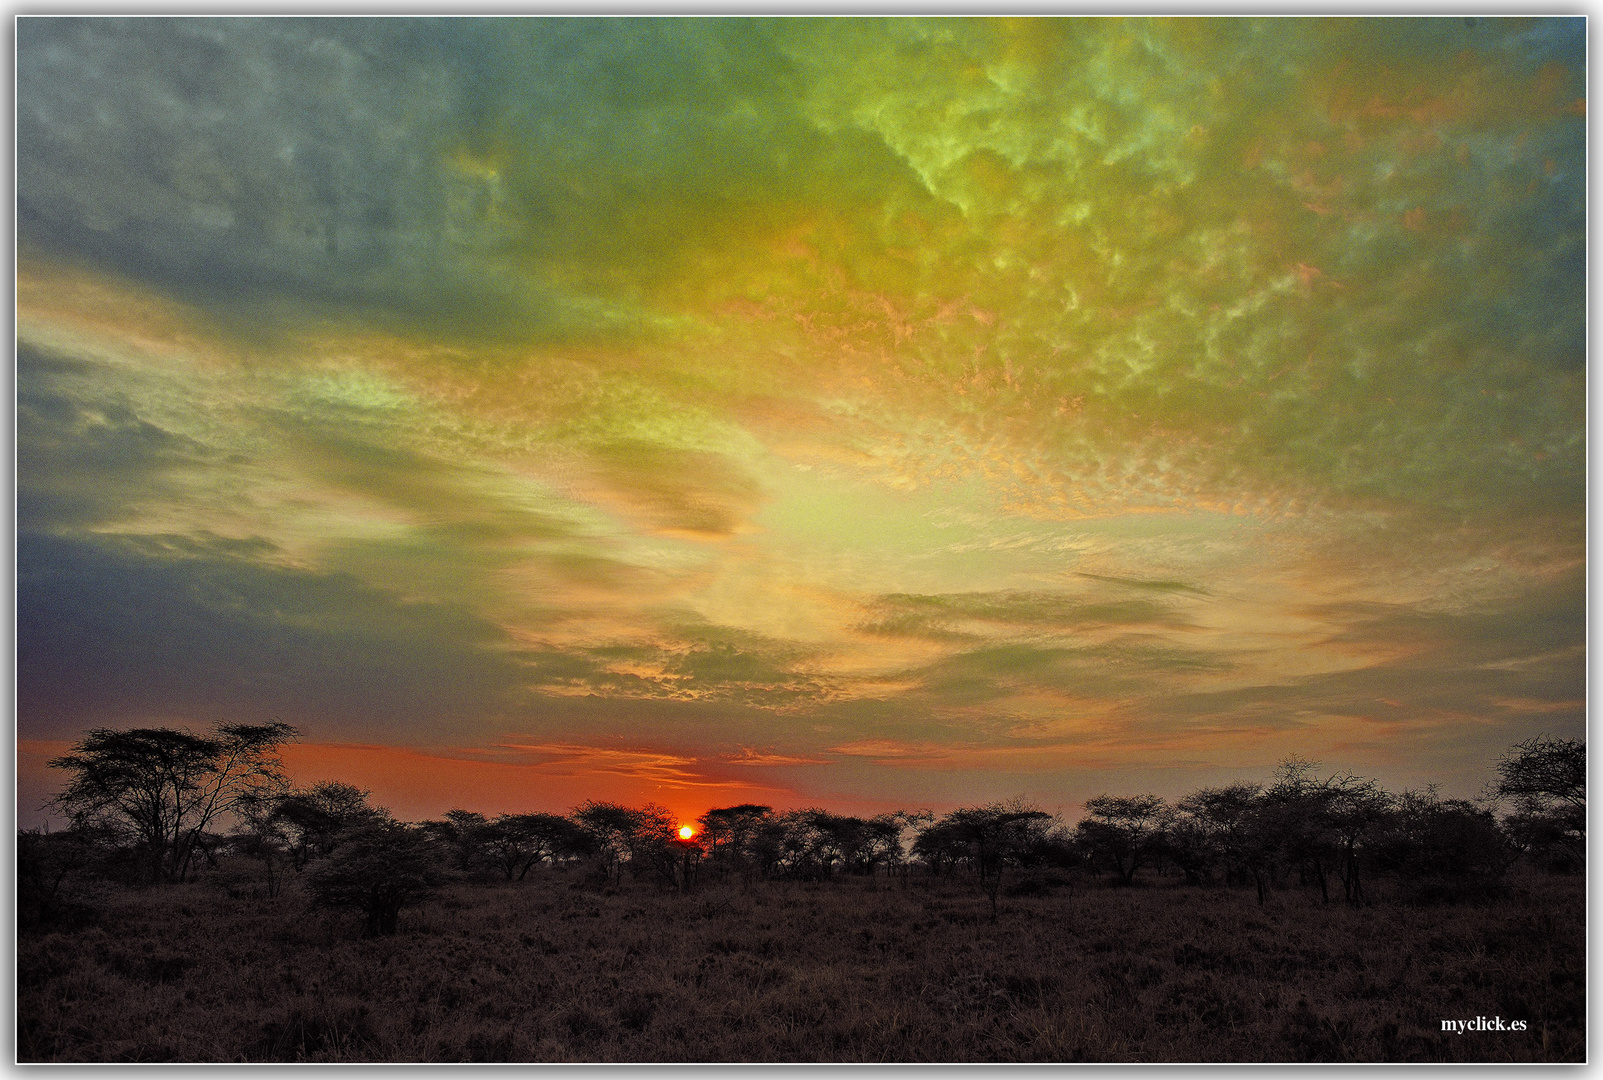 MEMORIAS DE AFRICA-ATARDECER EN EL MARA -KENIA